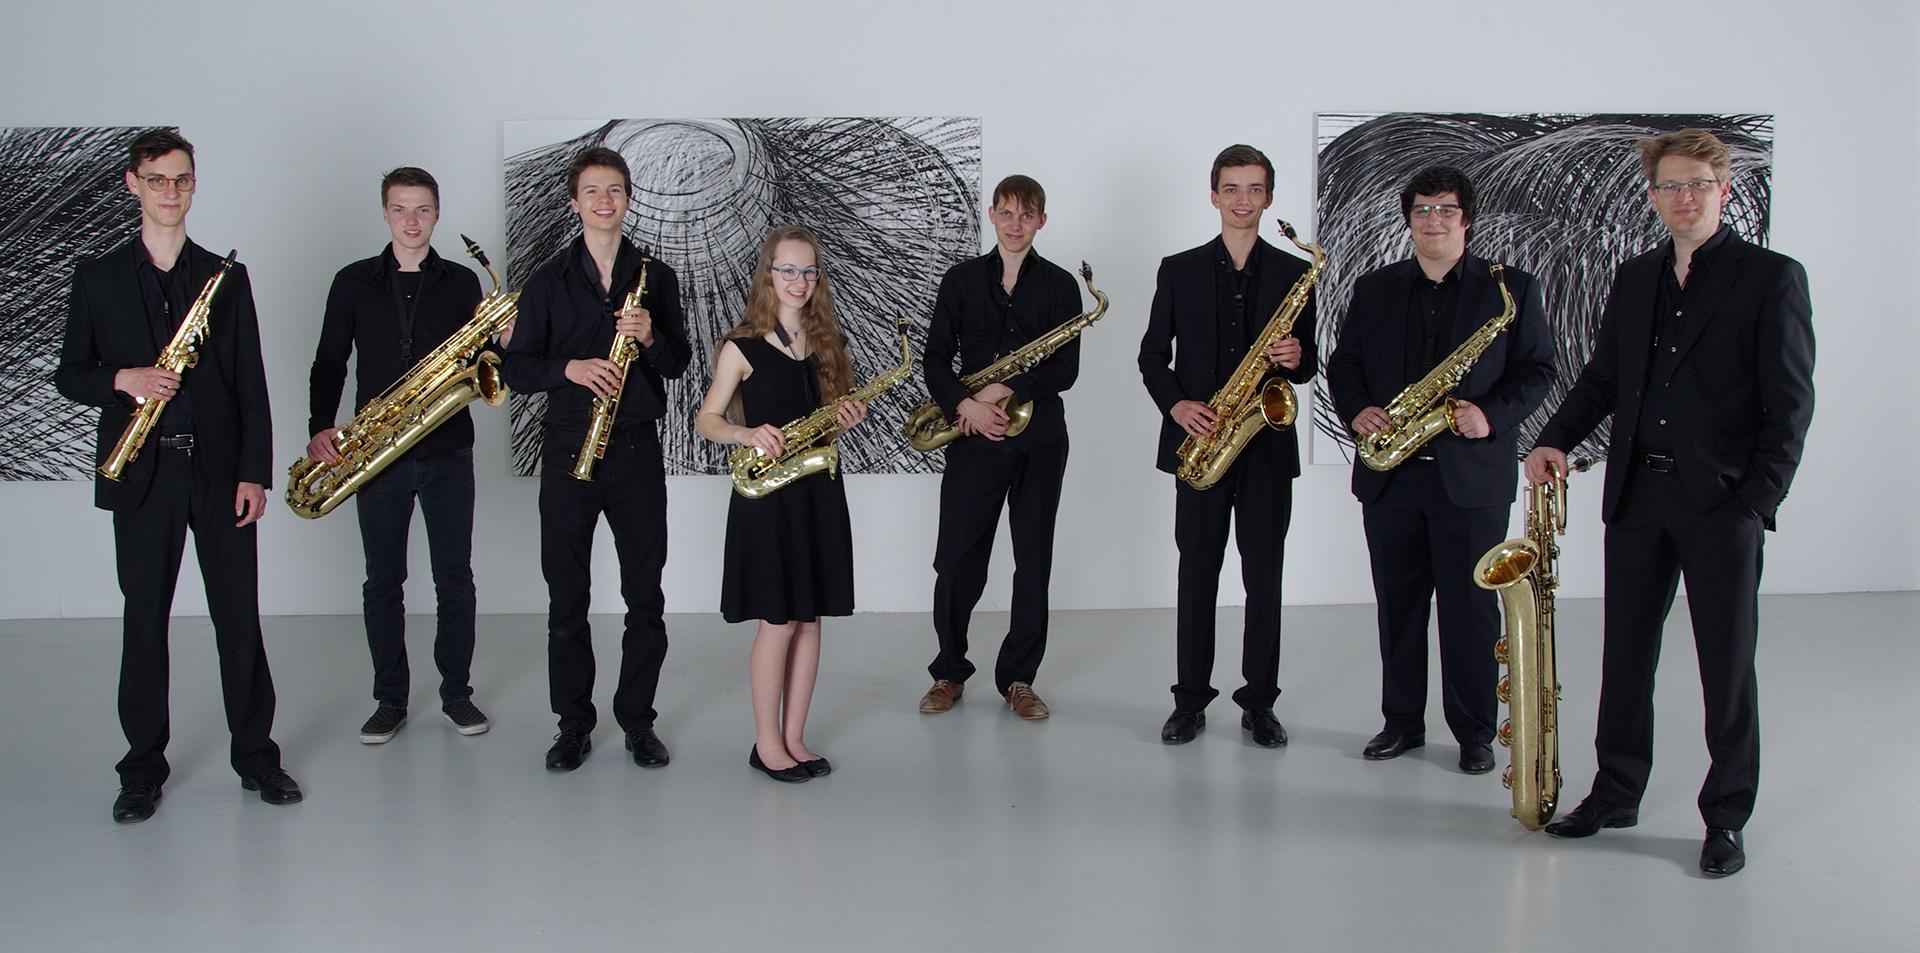 Christoph Kirschke – Saxophon lernen und spielen – Unterricht und Musikstücke – Freiburger Saxophonensemble 2016